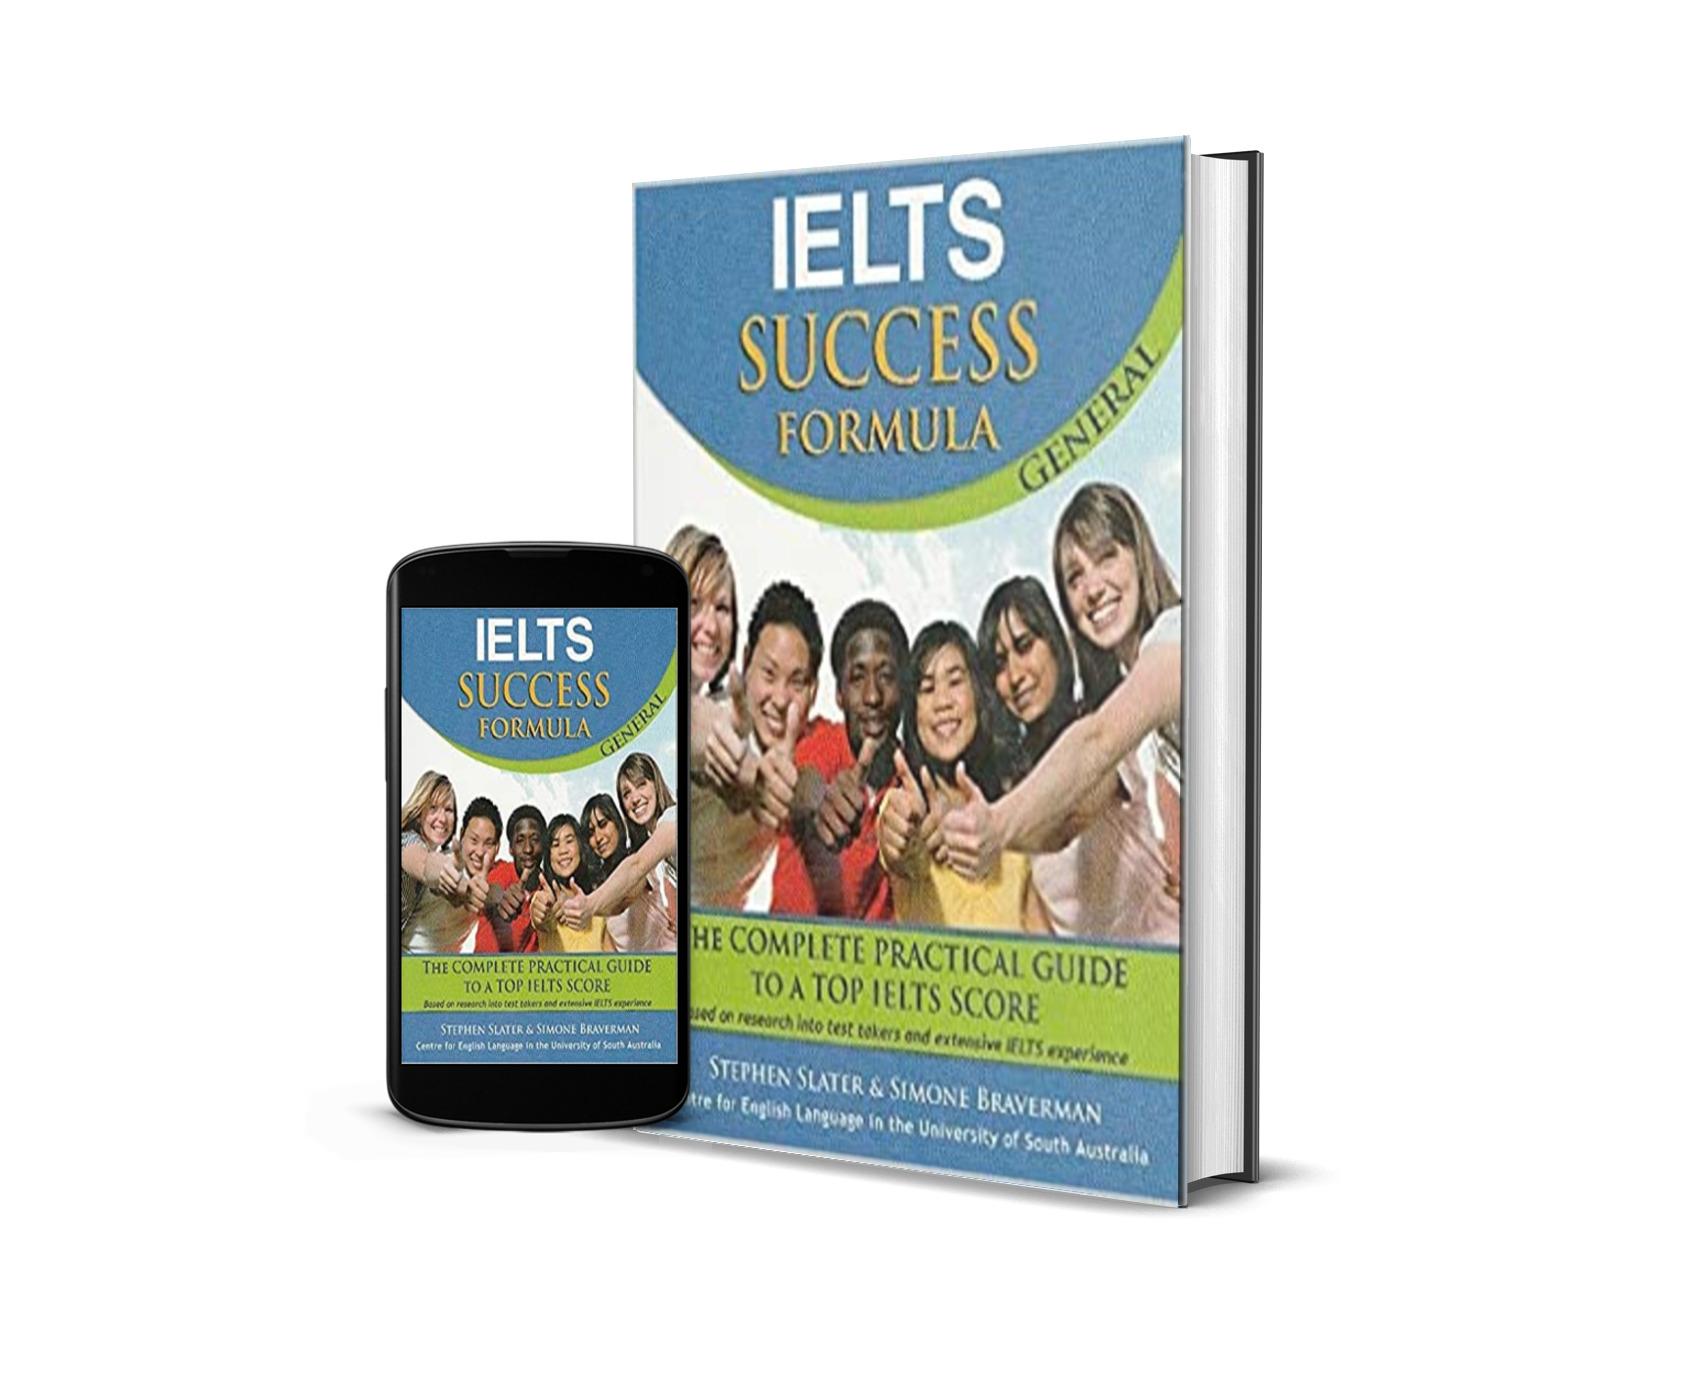 IELTS SUCCESS FORMULA | GENERAL | Ebook download